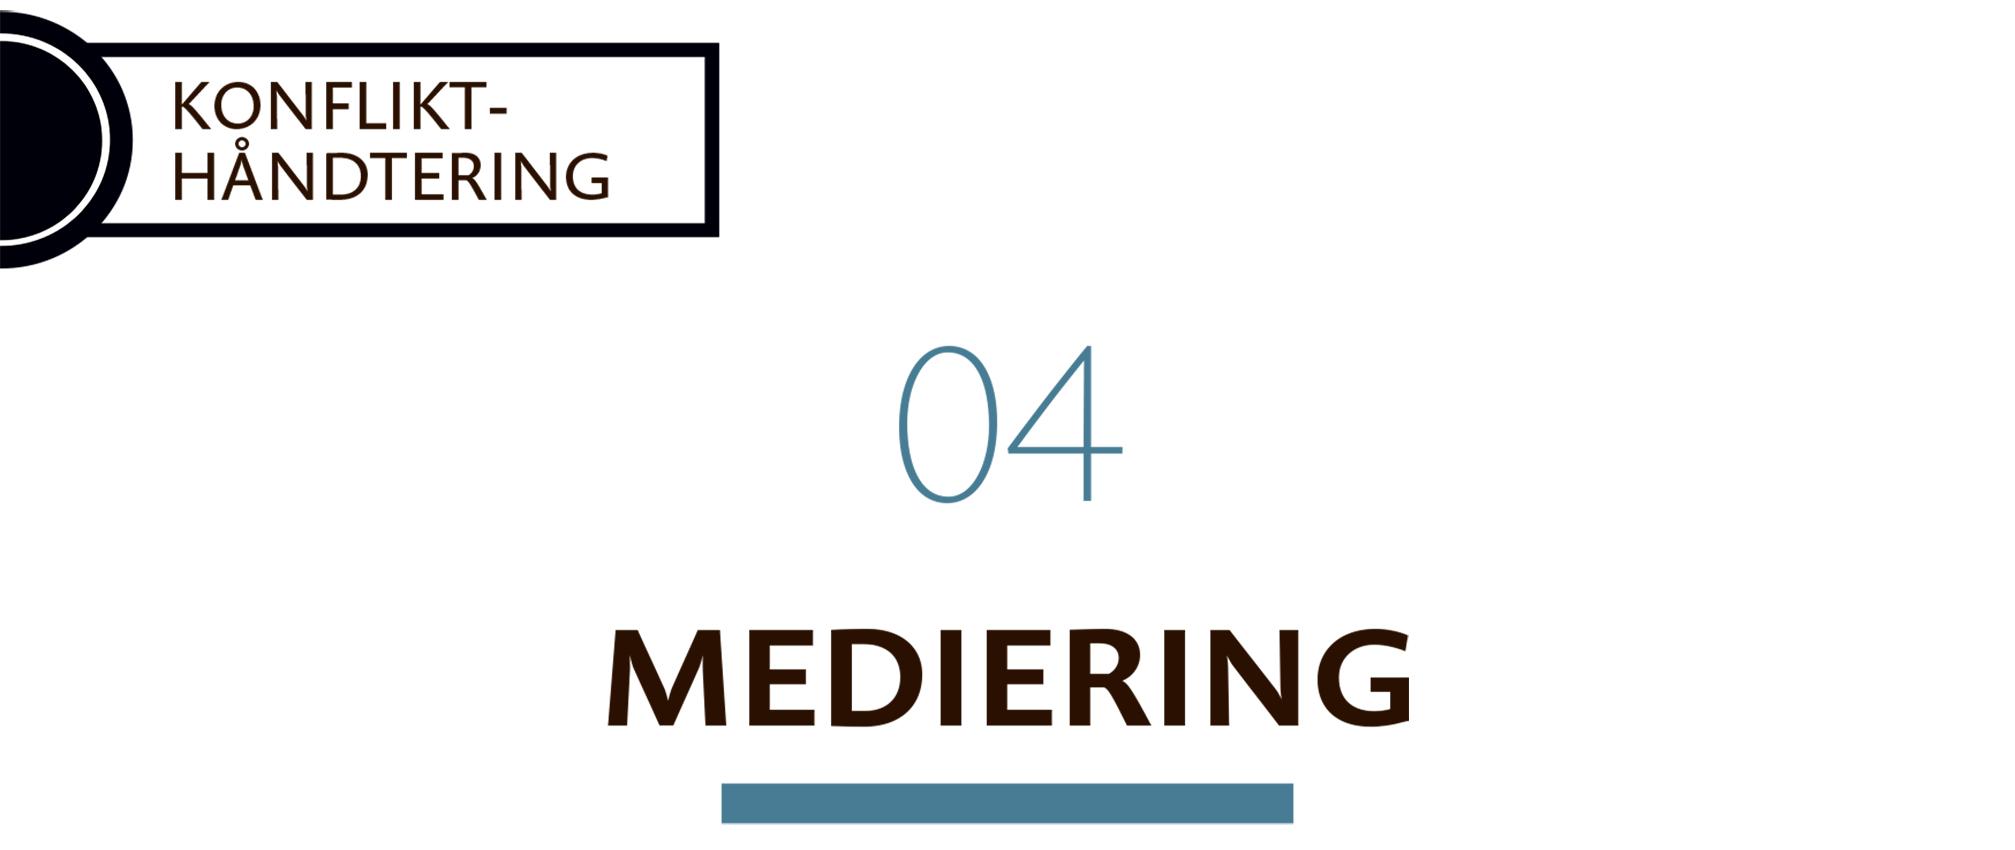 Paedagogisk redskab mediering